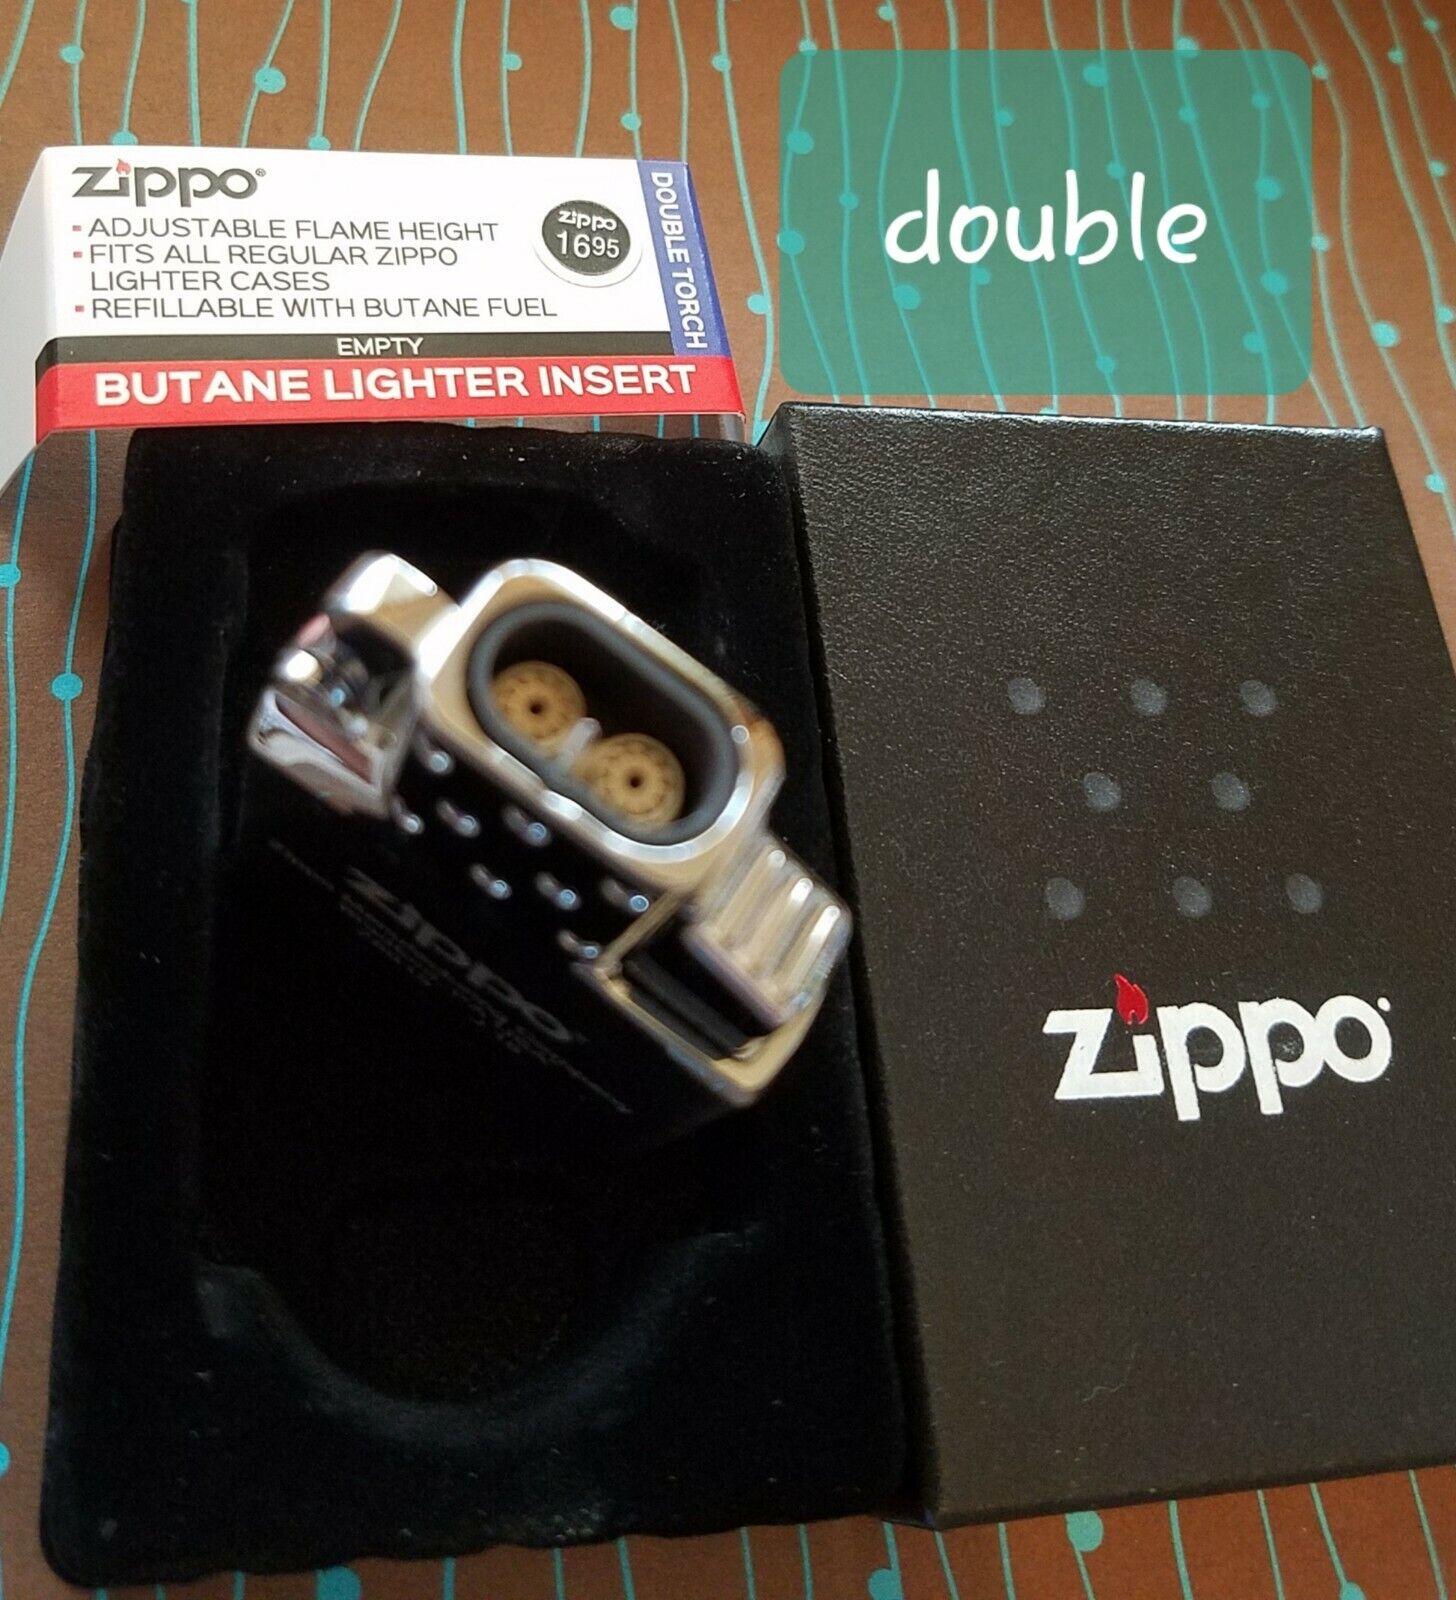 Zippo 65827 Double Torch Butane Lighter Insert Unfilled NEW